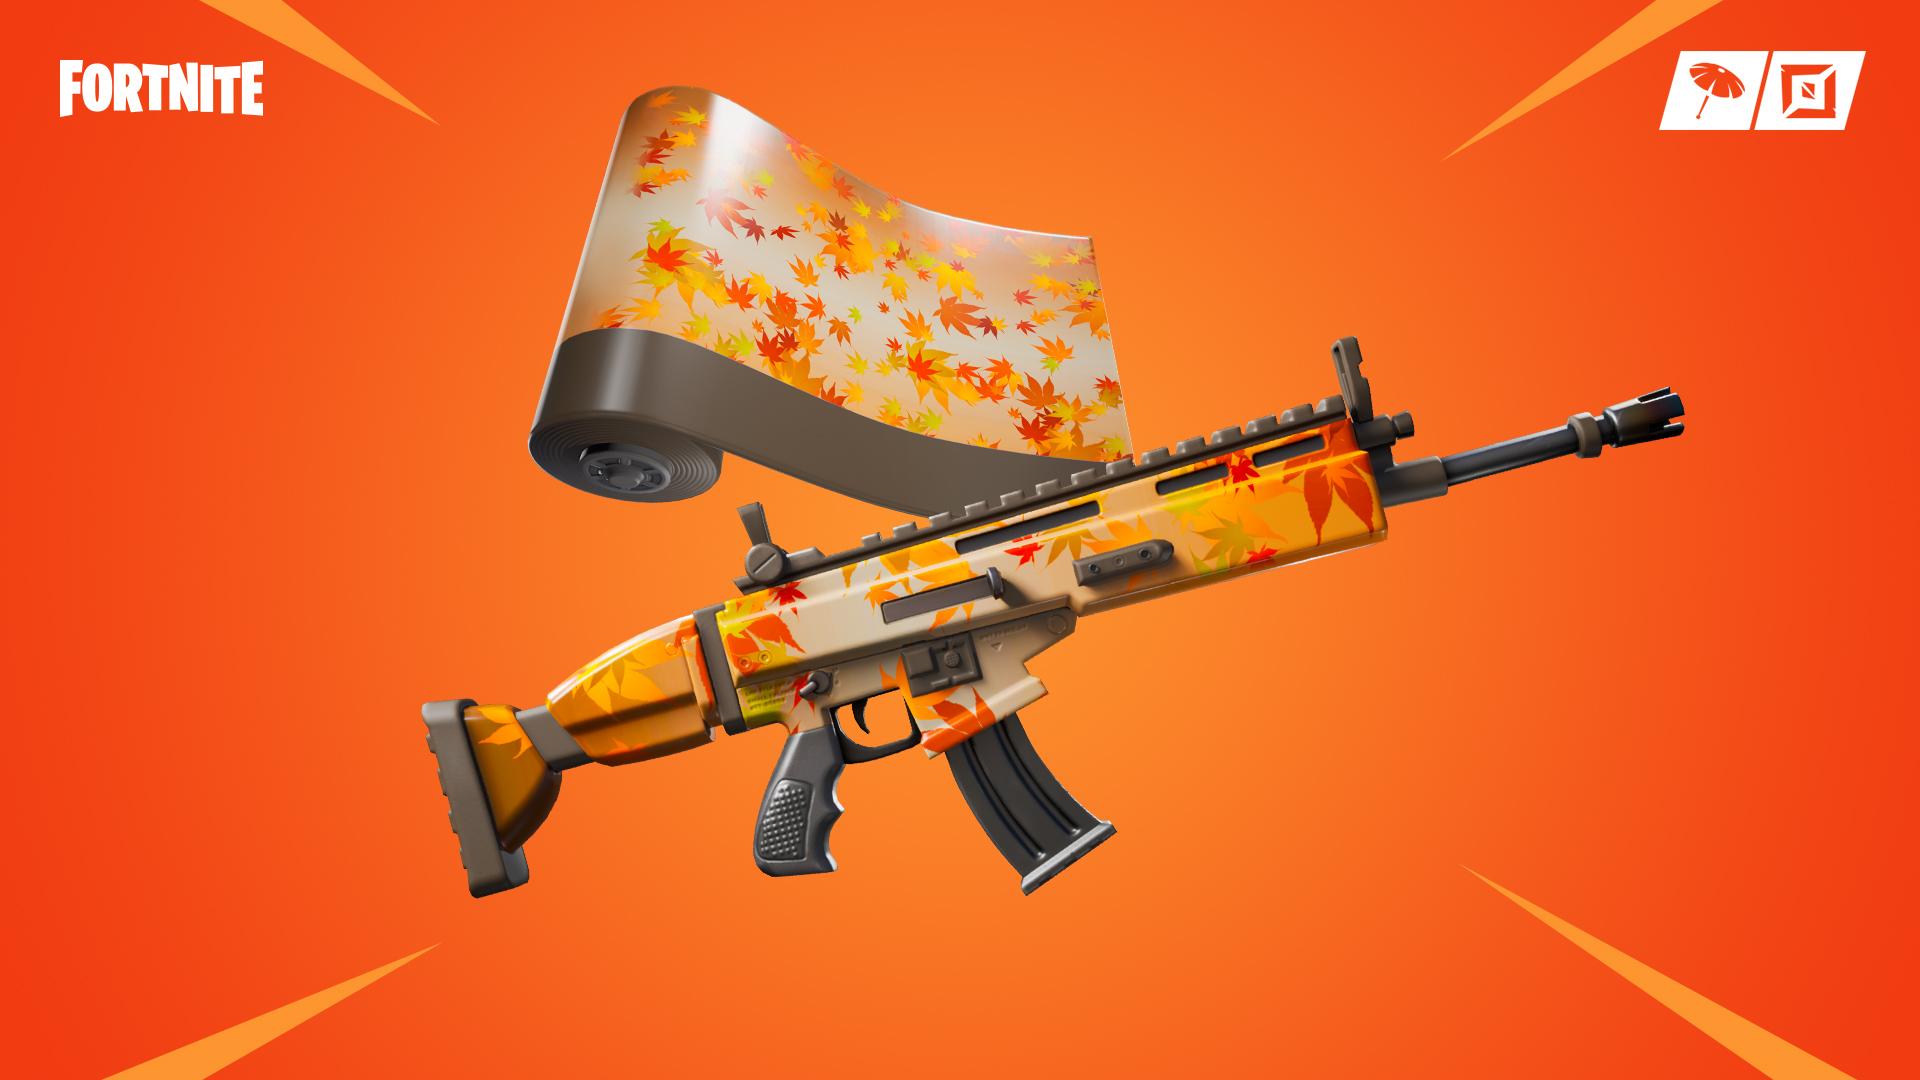 La comunidad de Fortnite deberá unirse para conseguir el nuevo aspecto de arma